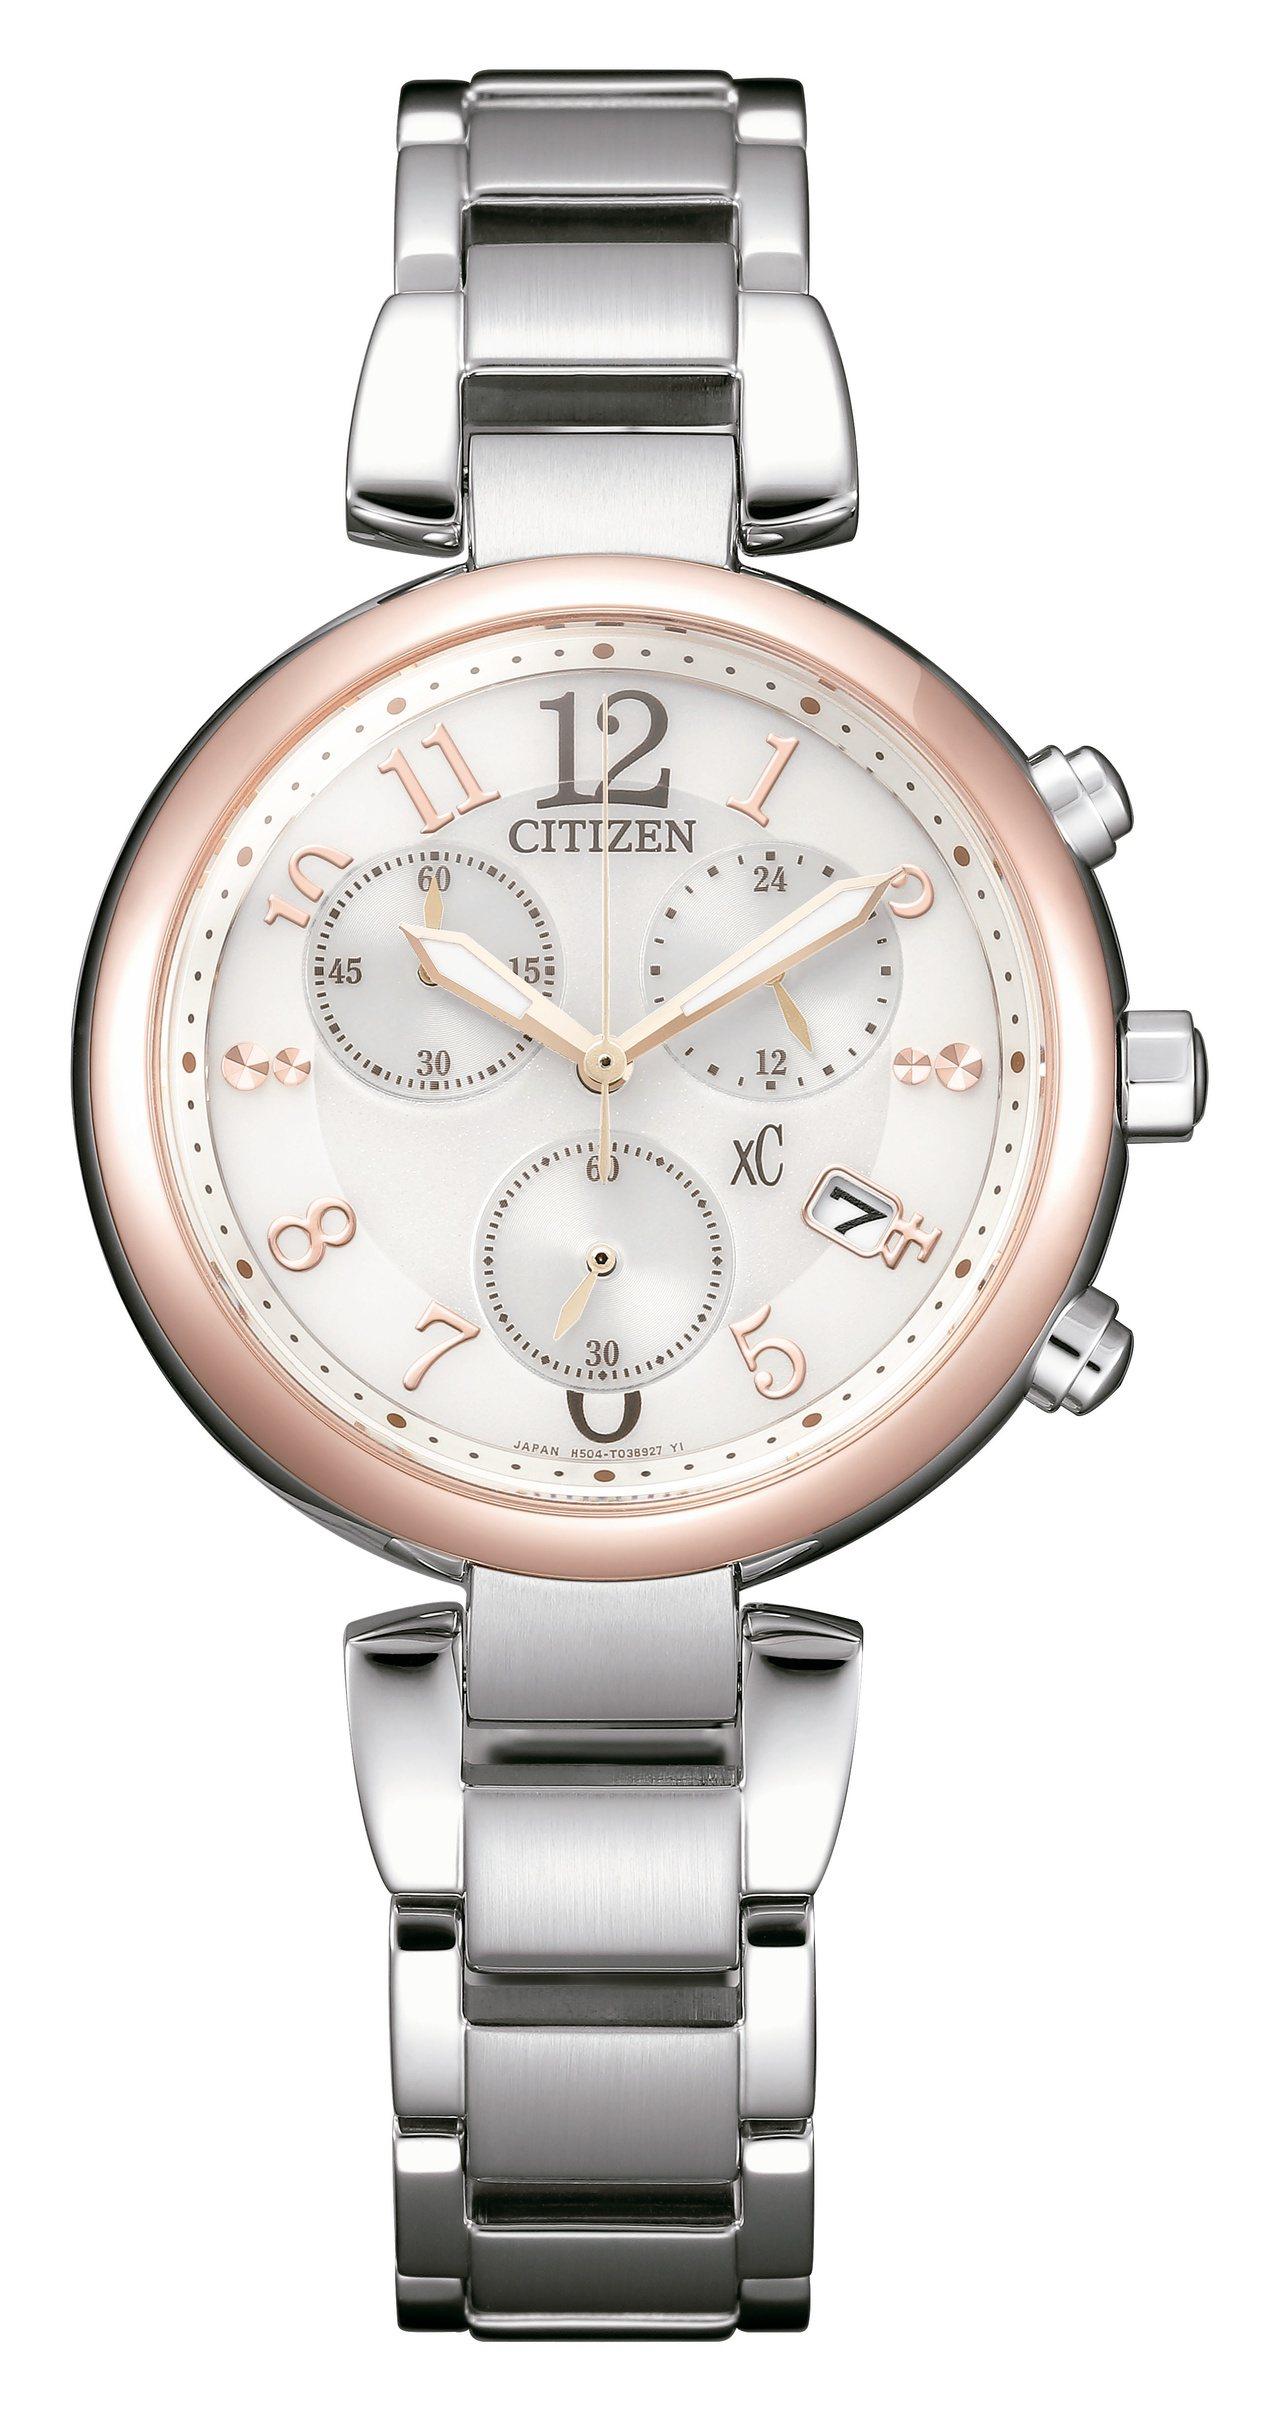 星辰表FB1454-52A腕表,櫻花粉紅金鍍鈦金屬表殼,搭配鈦金屬表鍊,約18,...